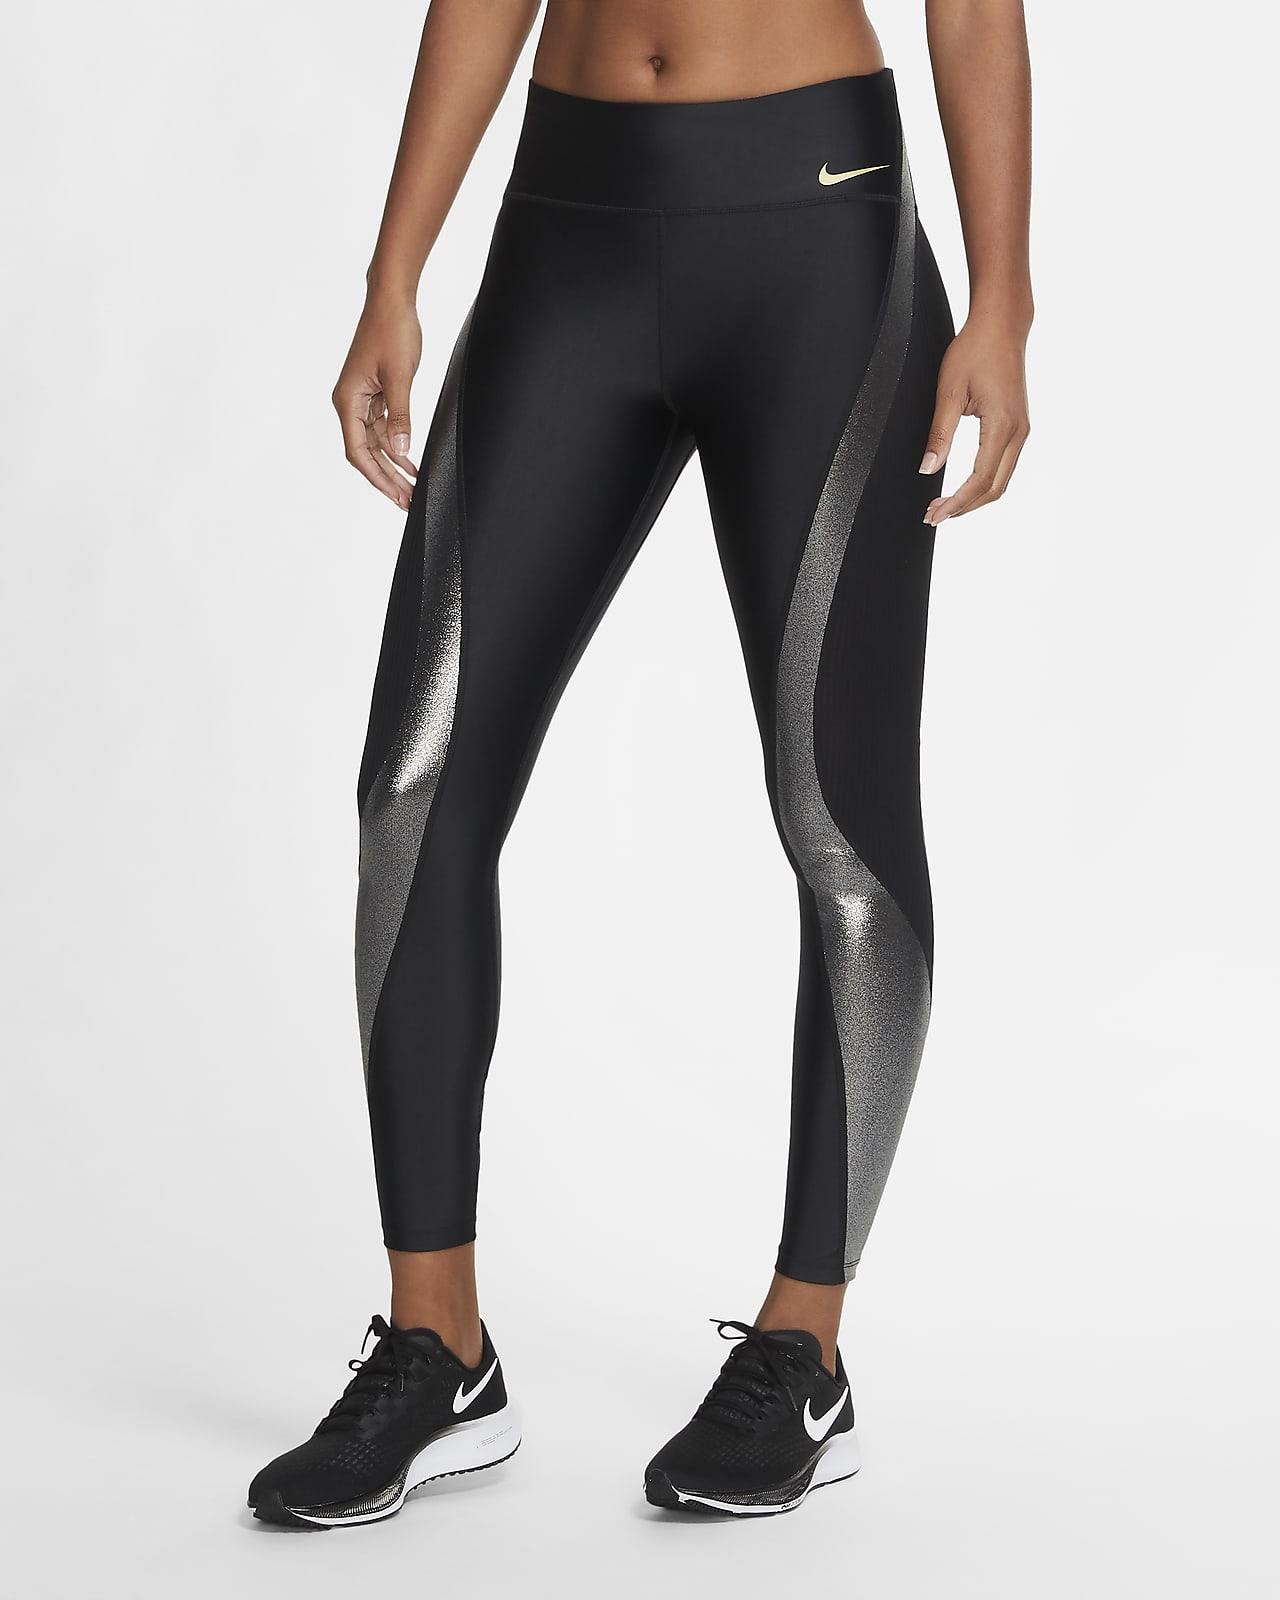 Löpartights Nike Icon Clash Speed i 7/8-längd för kvinnor